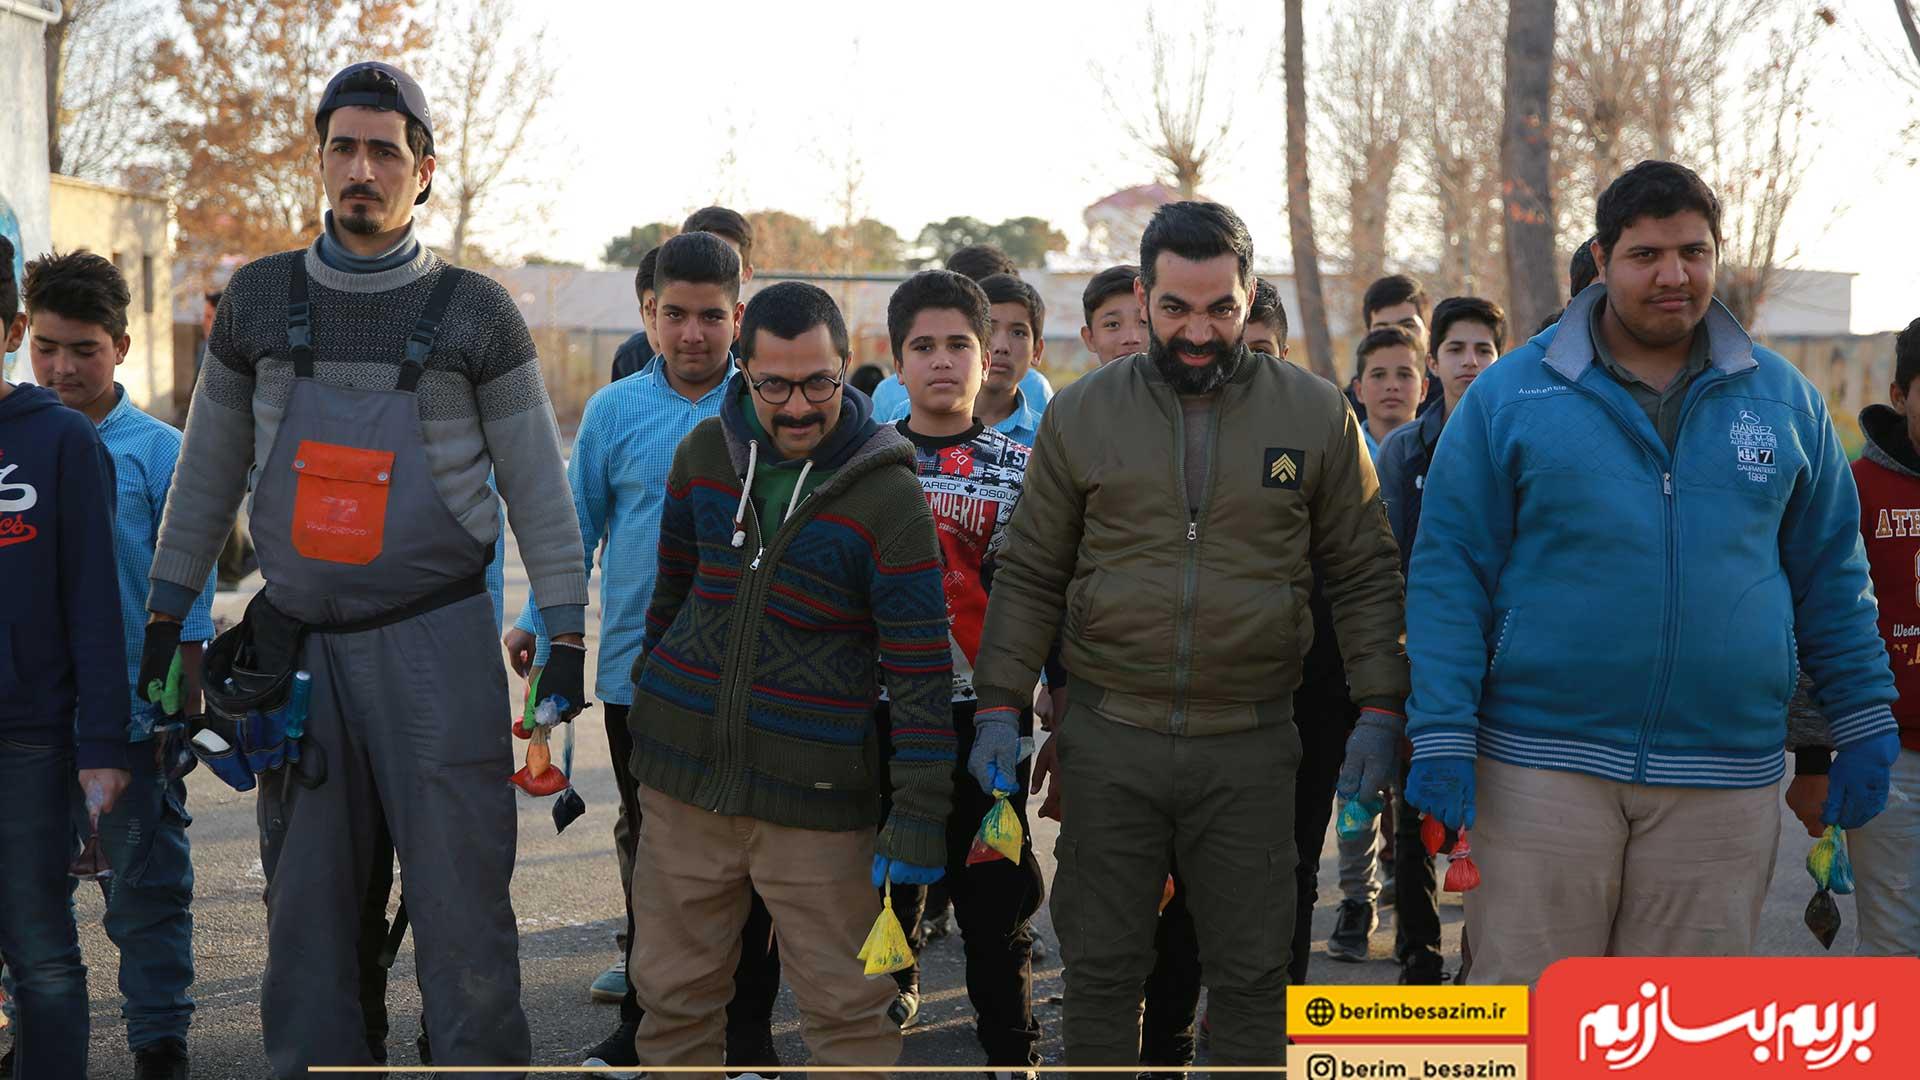 تهیهکننده «بریم بسازیم»: برخی اعتراضها به برنامه جهتدار است/ گفت و گو با «احمد شفیعی»